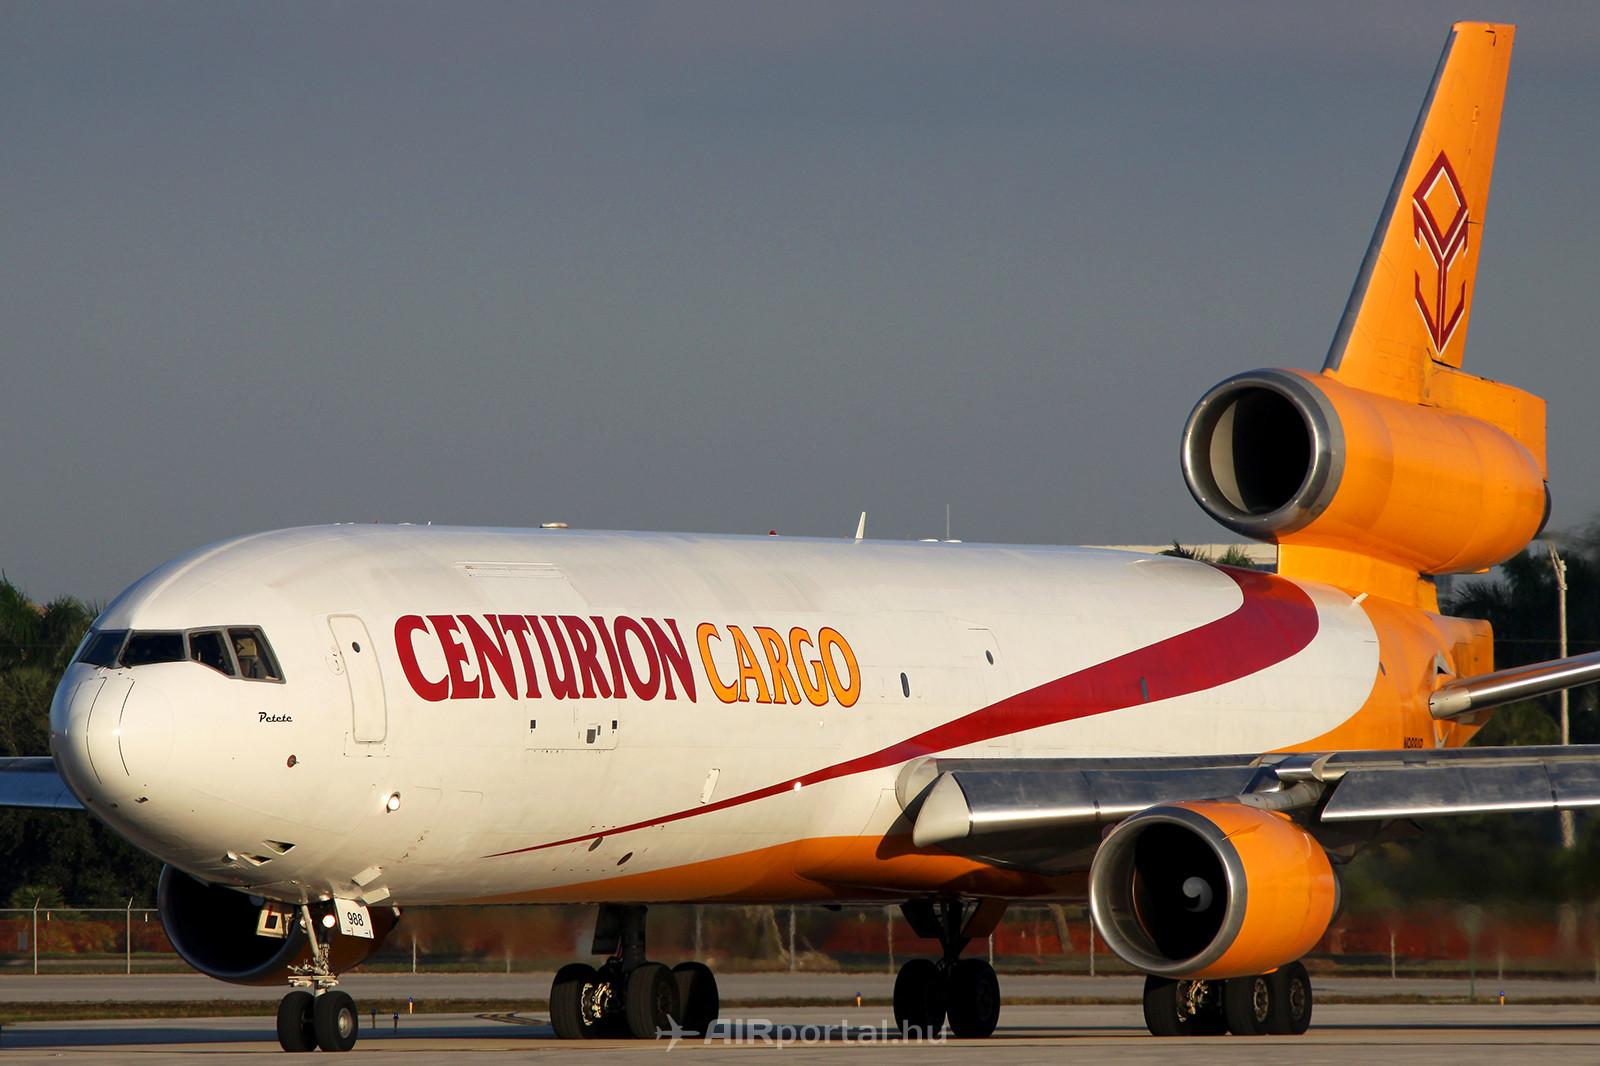 A Centurion Cargo egyik MD-11F repülőgépe felszálláshoz készülődik Miami repülőterén. (Fotó: Samu Ádám - AIRportal.hu)   © AIRportal.hu